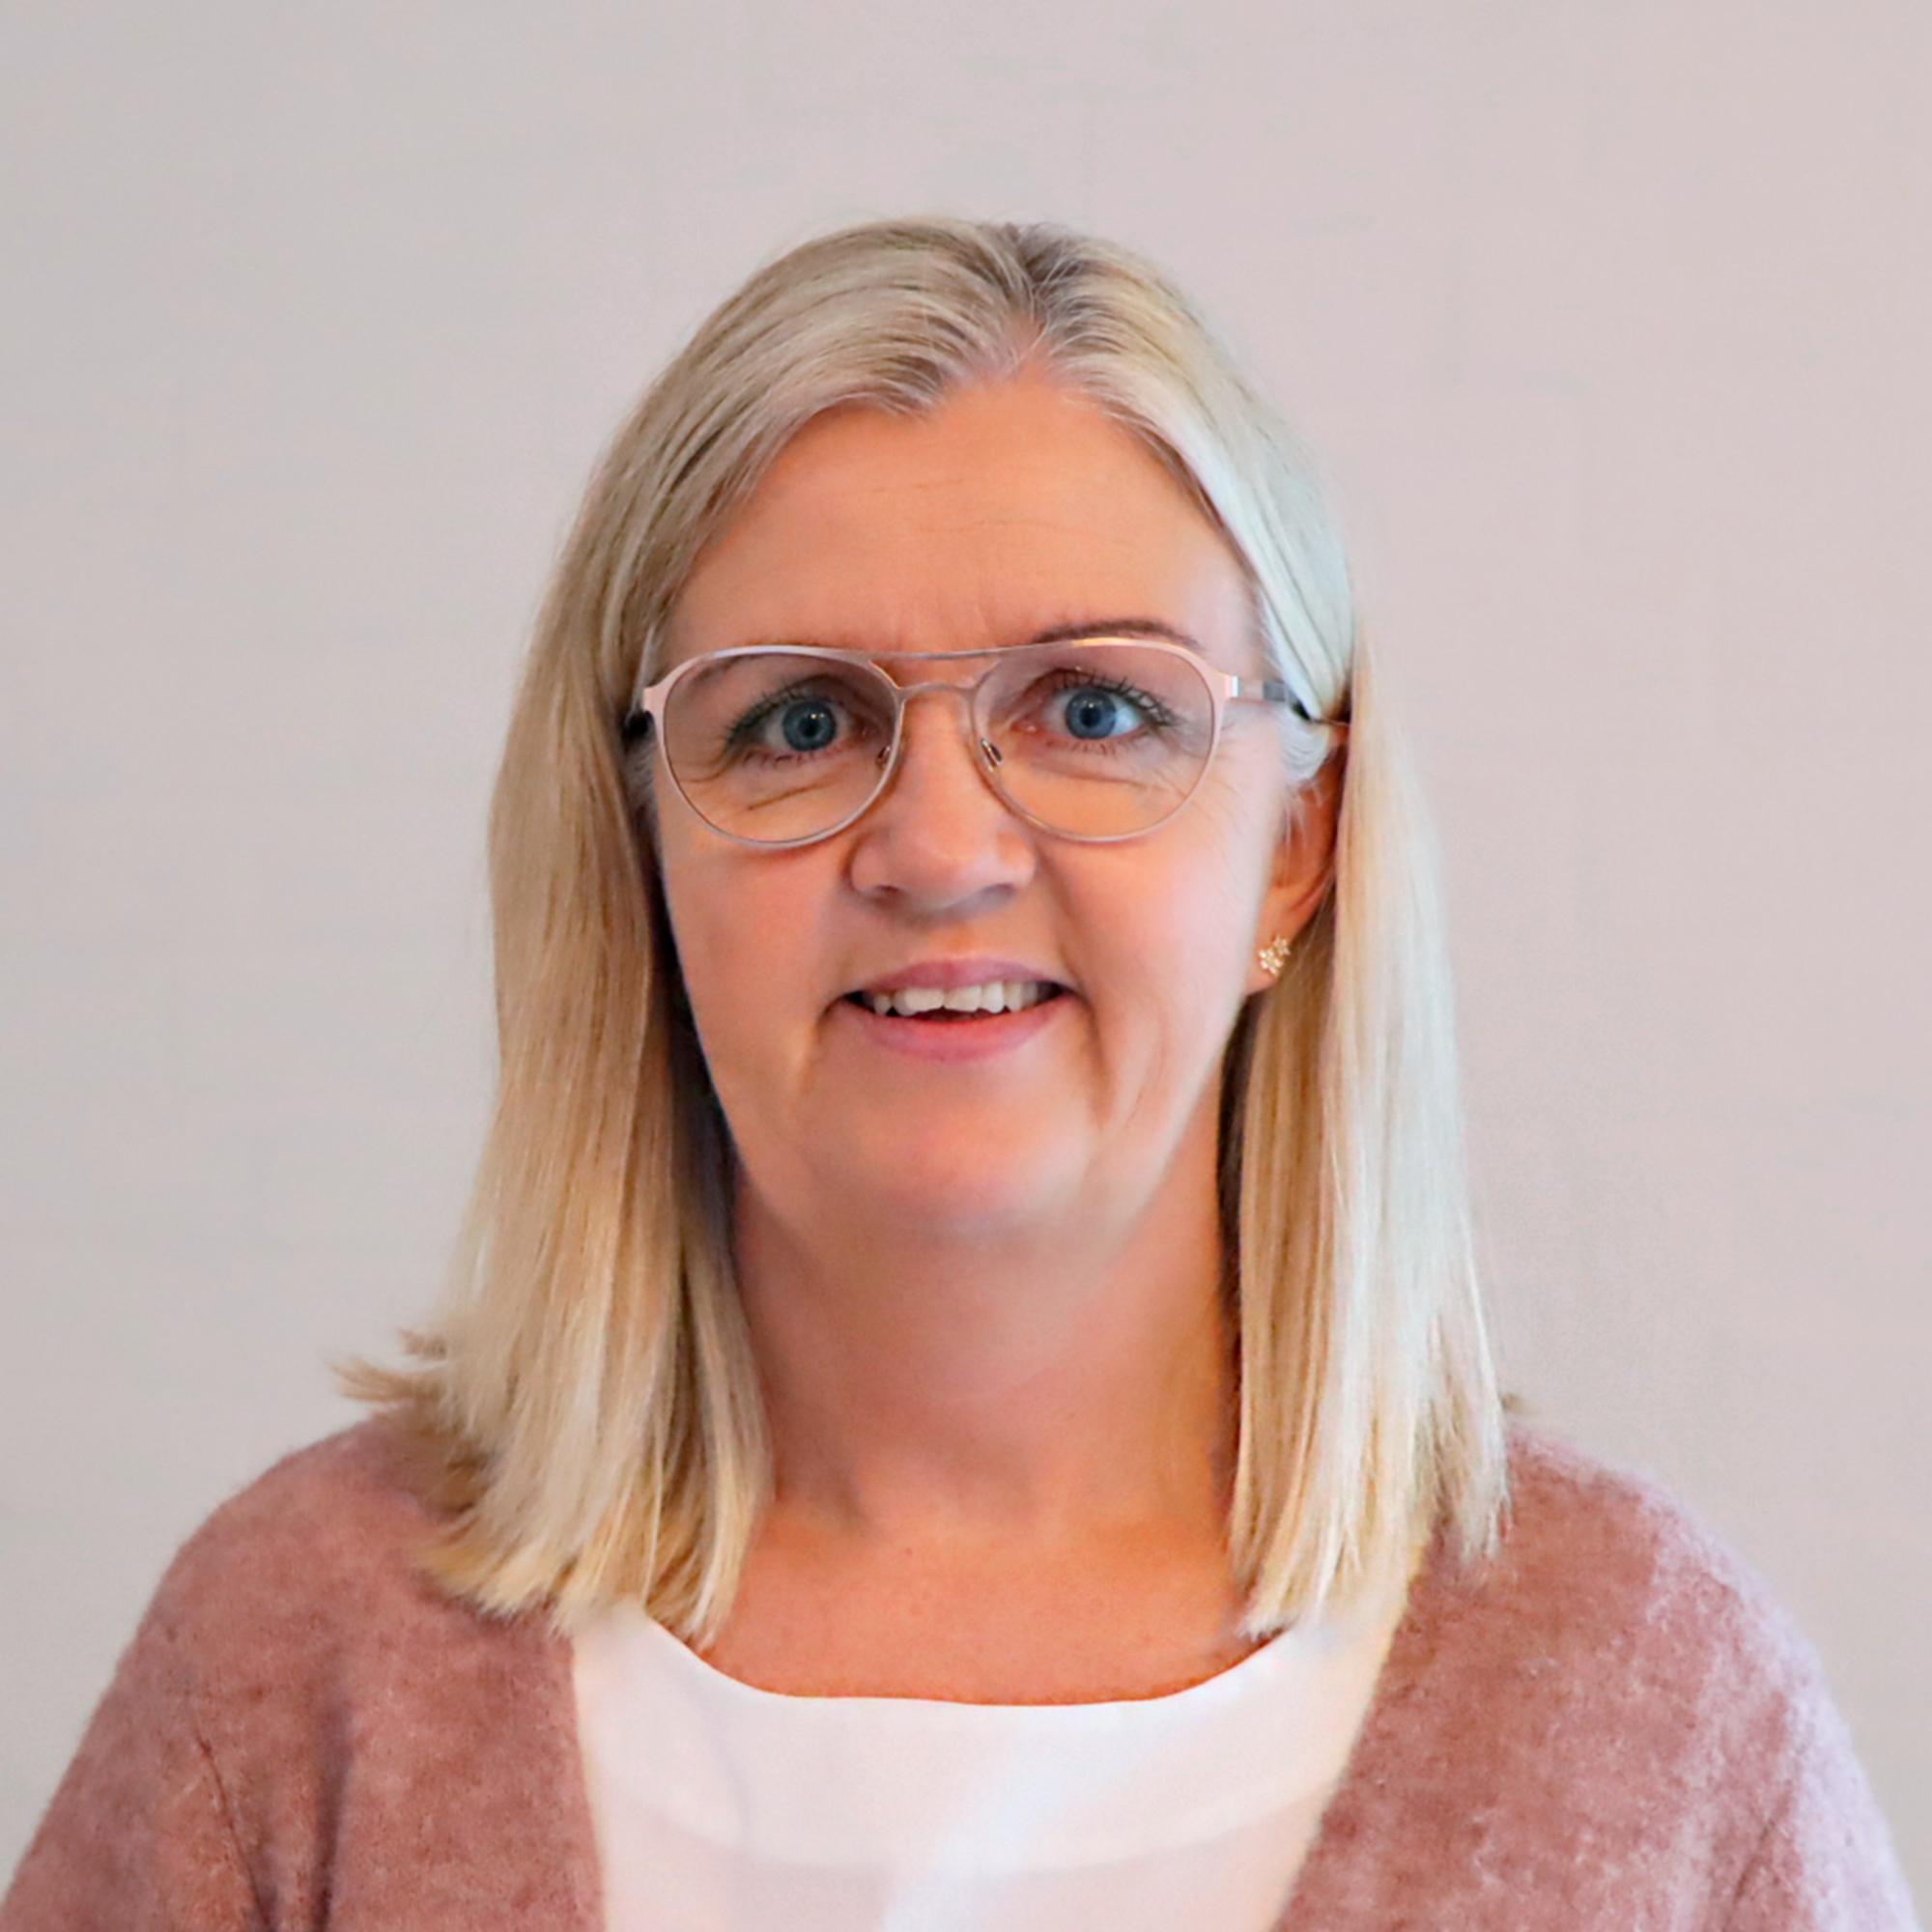 Lisbeth Kaarsberg